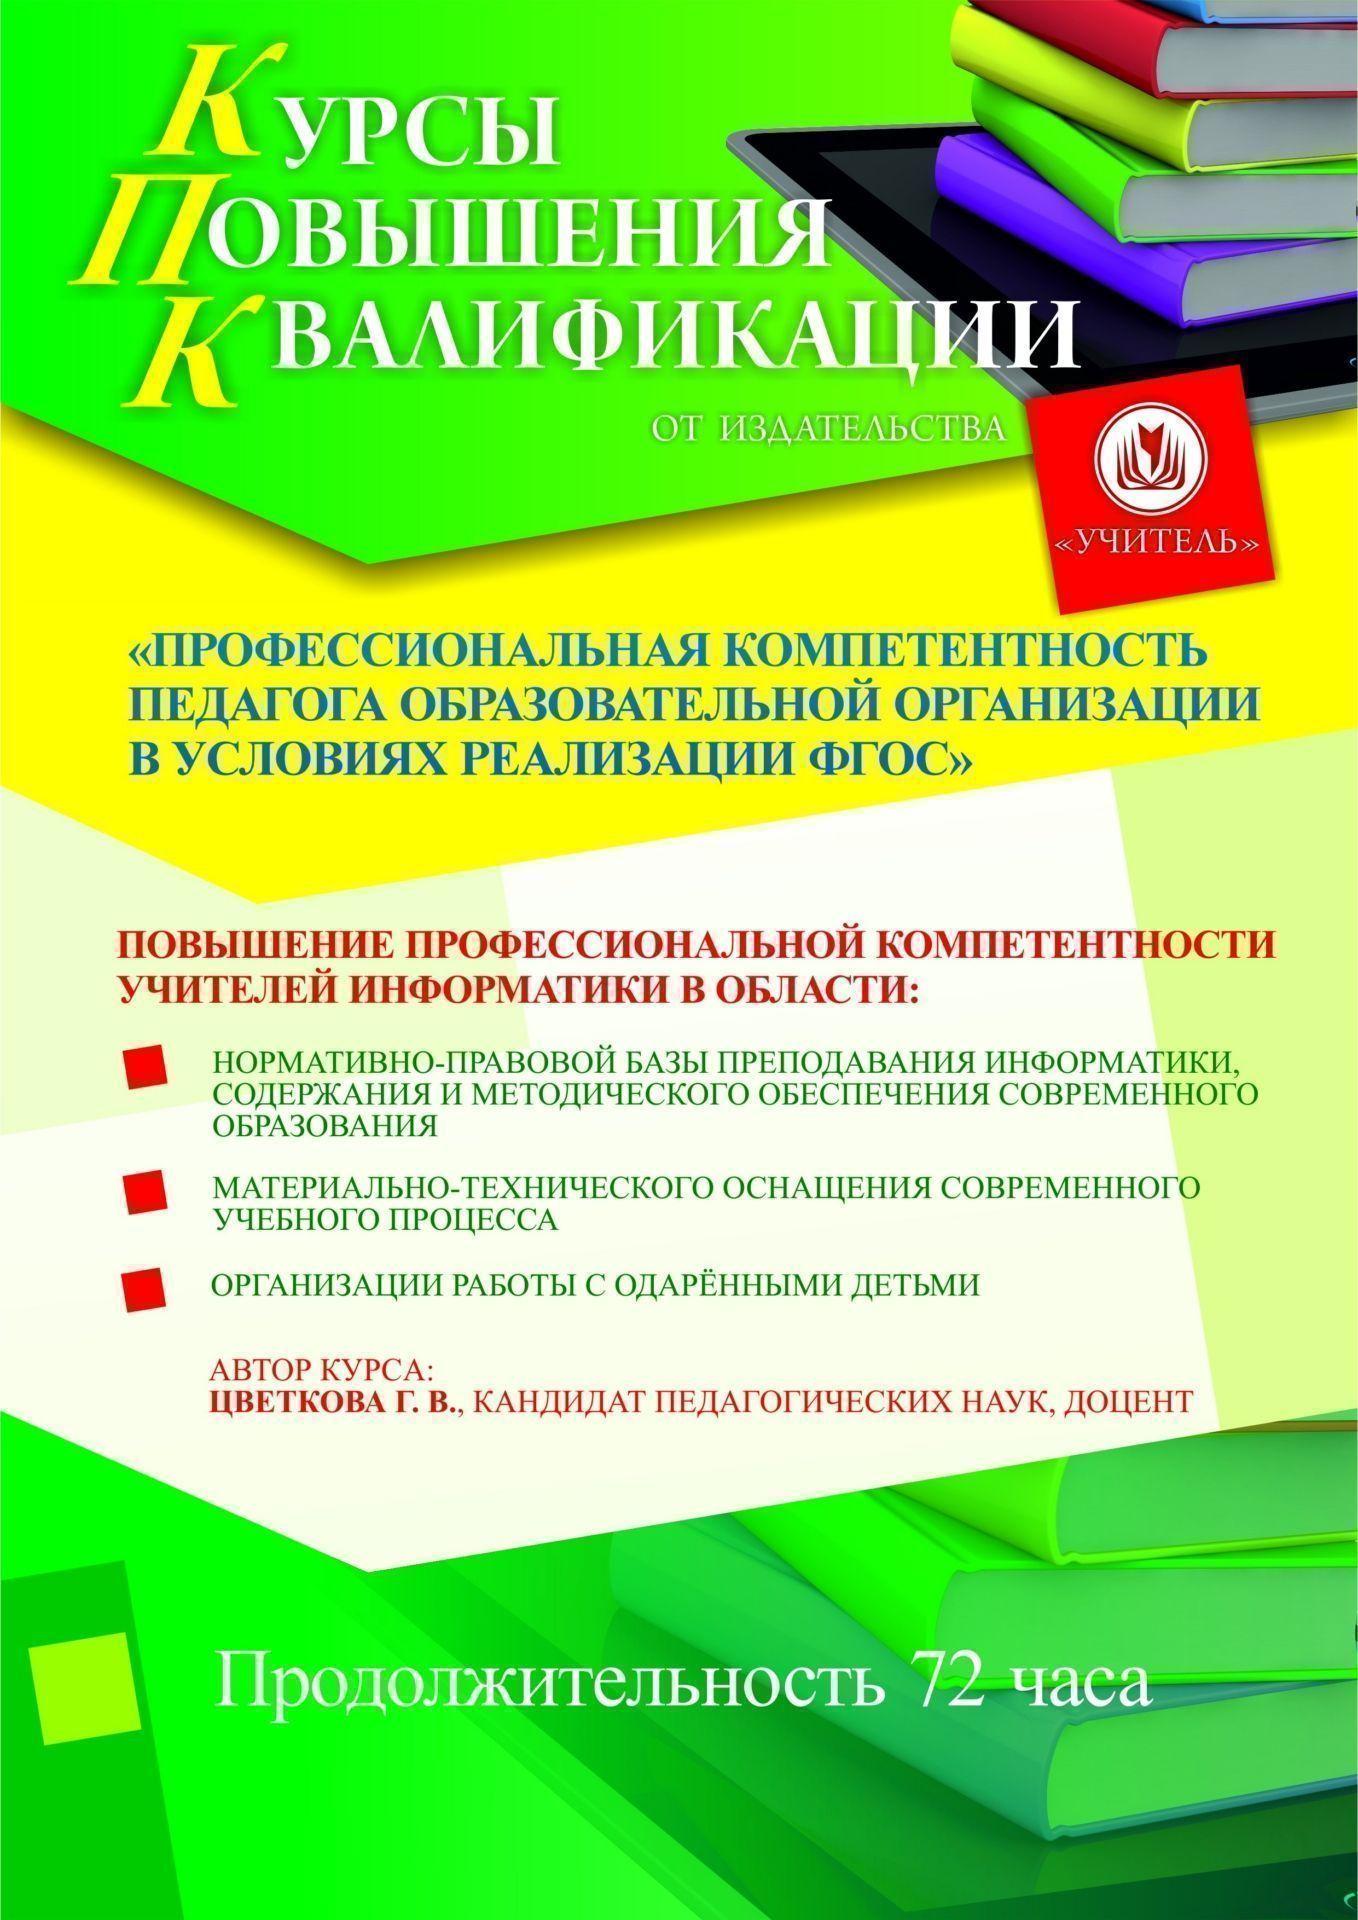 Профессиональная компетентность педагога образовательной организации в условиях реализации ФГОС (для учителей информатики) фото